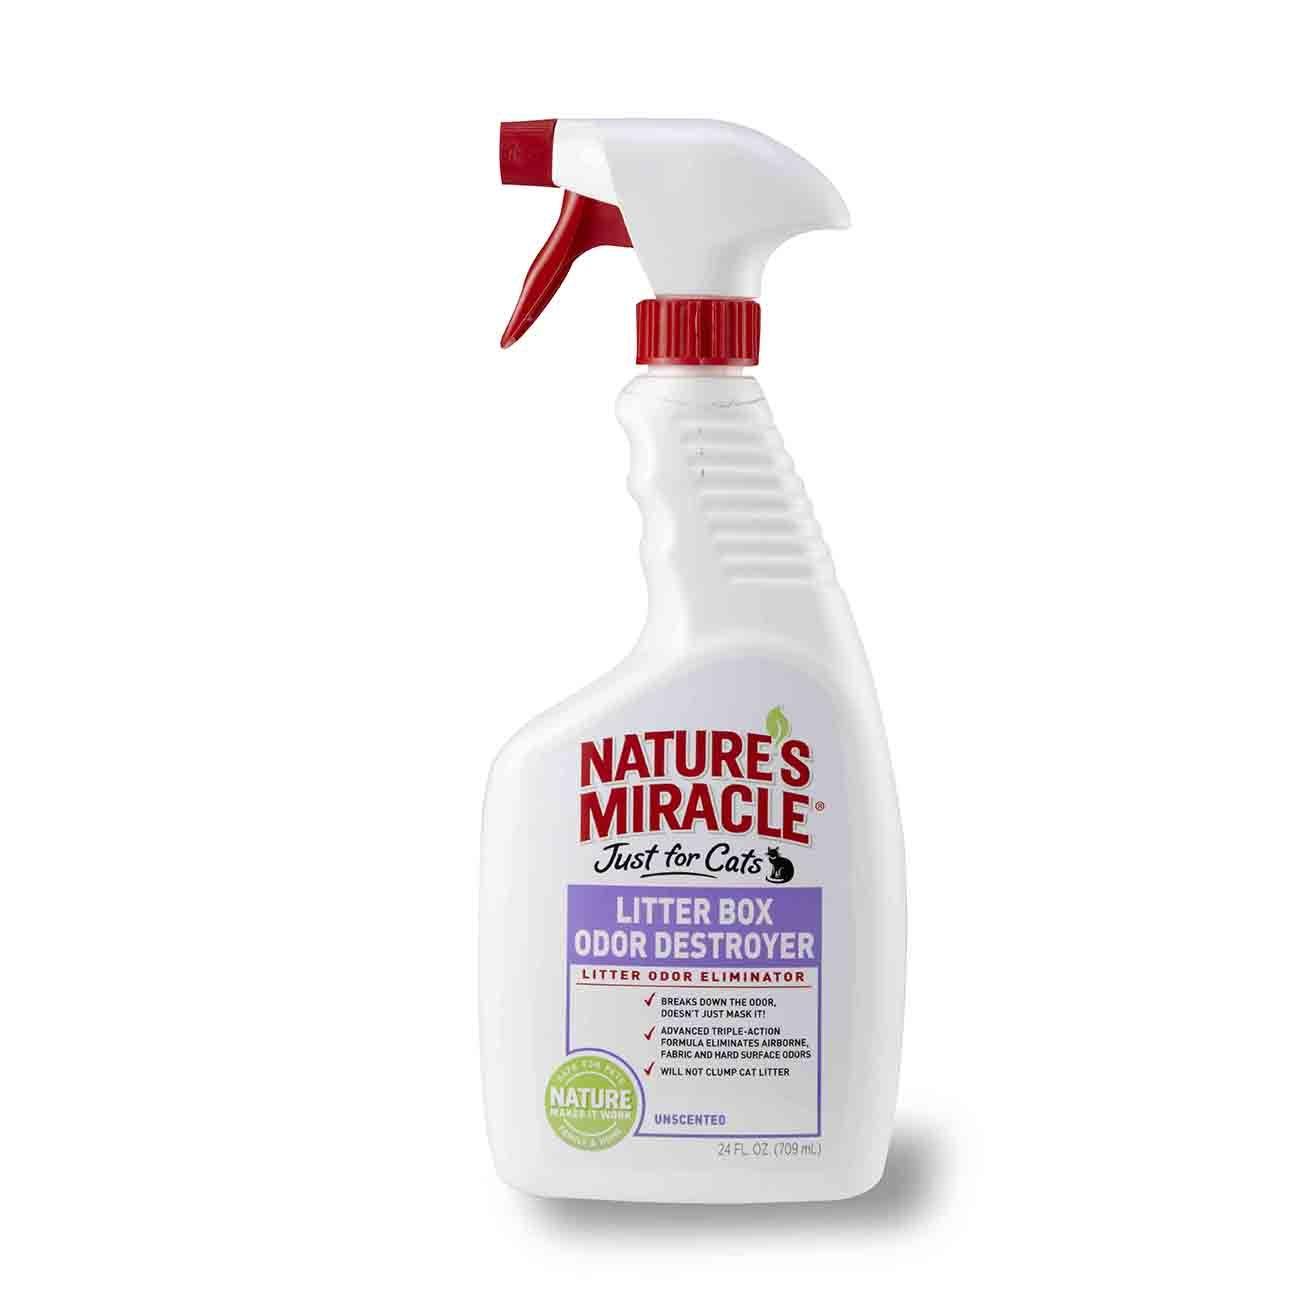 От пятен и запахов 8in1 средство для устранения запаха в кошачьем туалете NM Litter Box Odor Destroyer спрей 018065055521.jpg